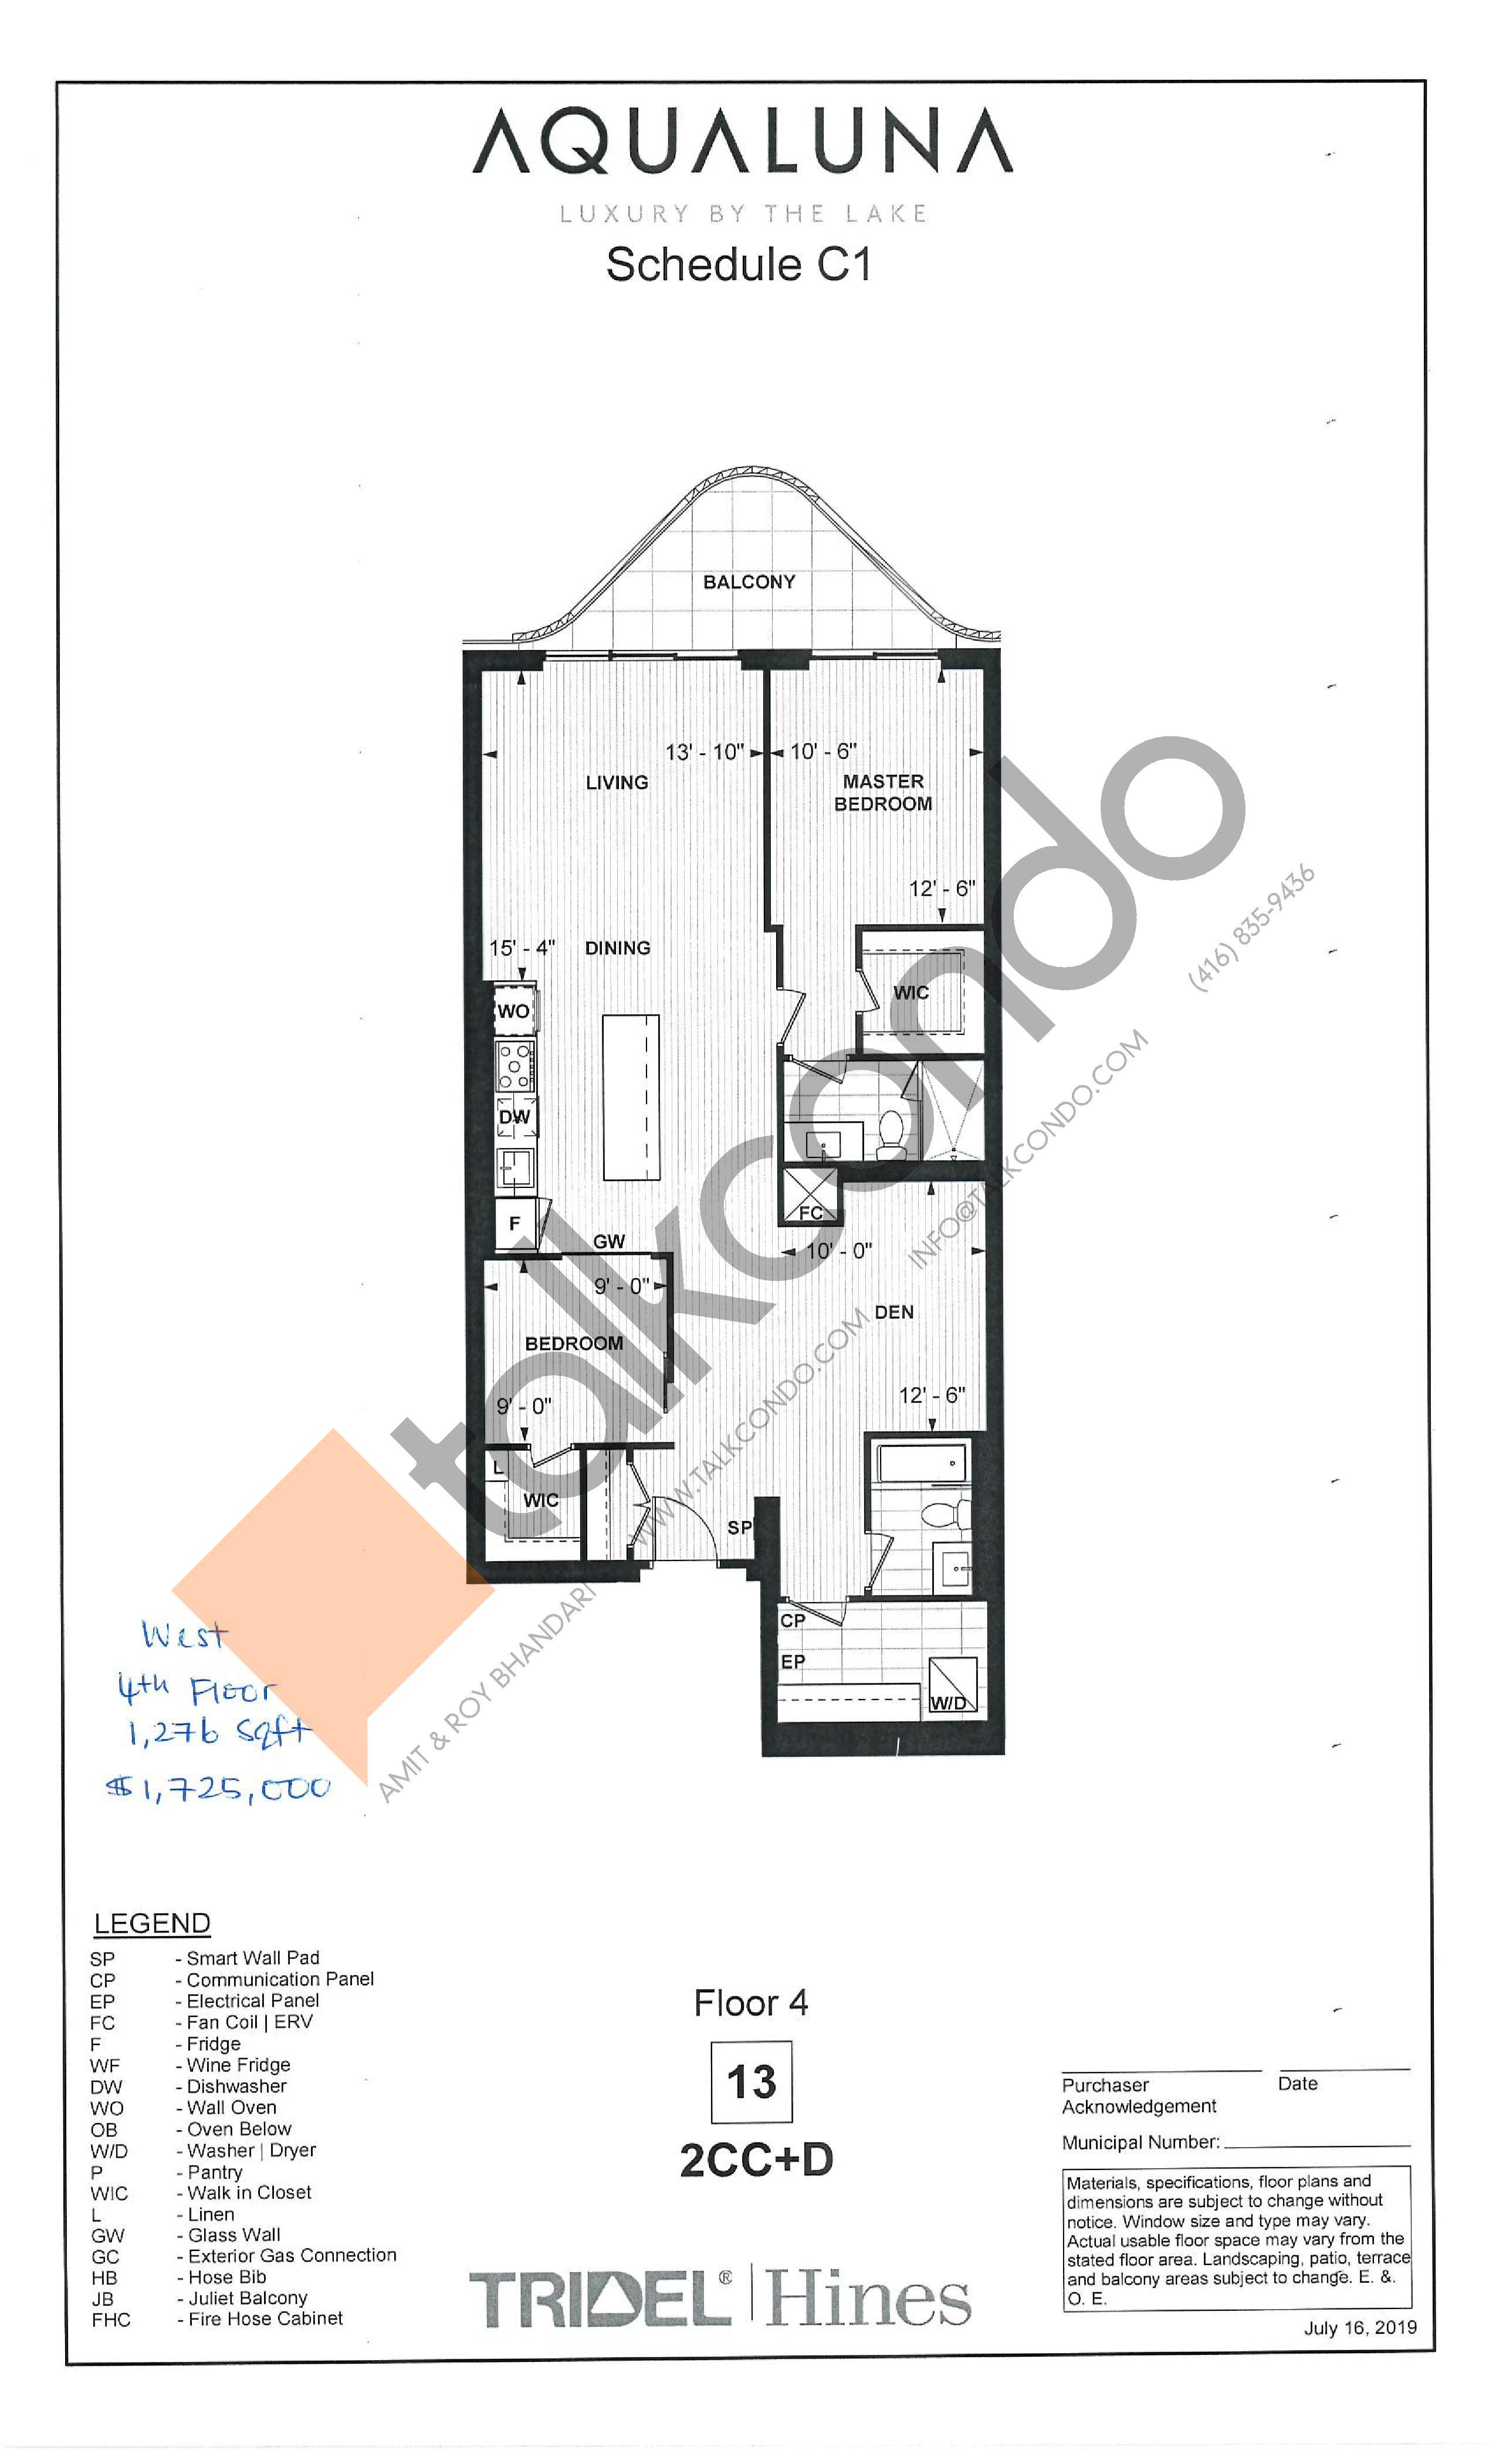 2CC+D Floor Plan at Aqualuna at Bayside Condos - 1276 sq.ft